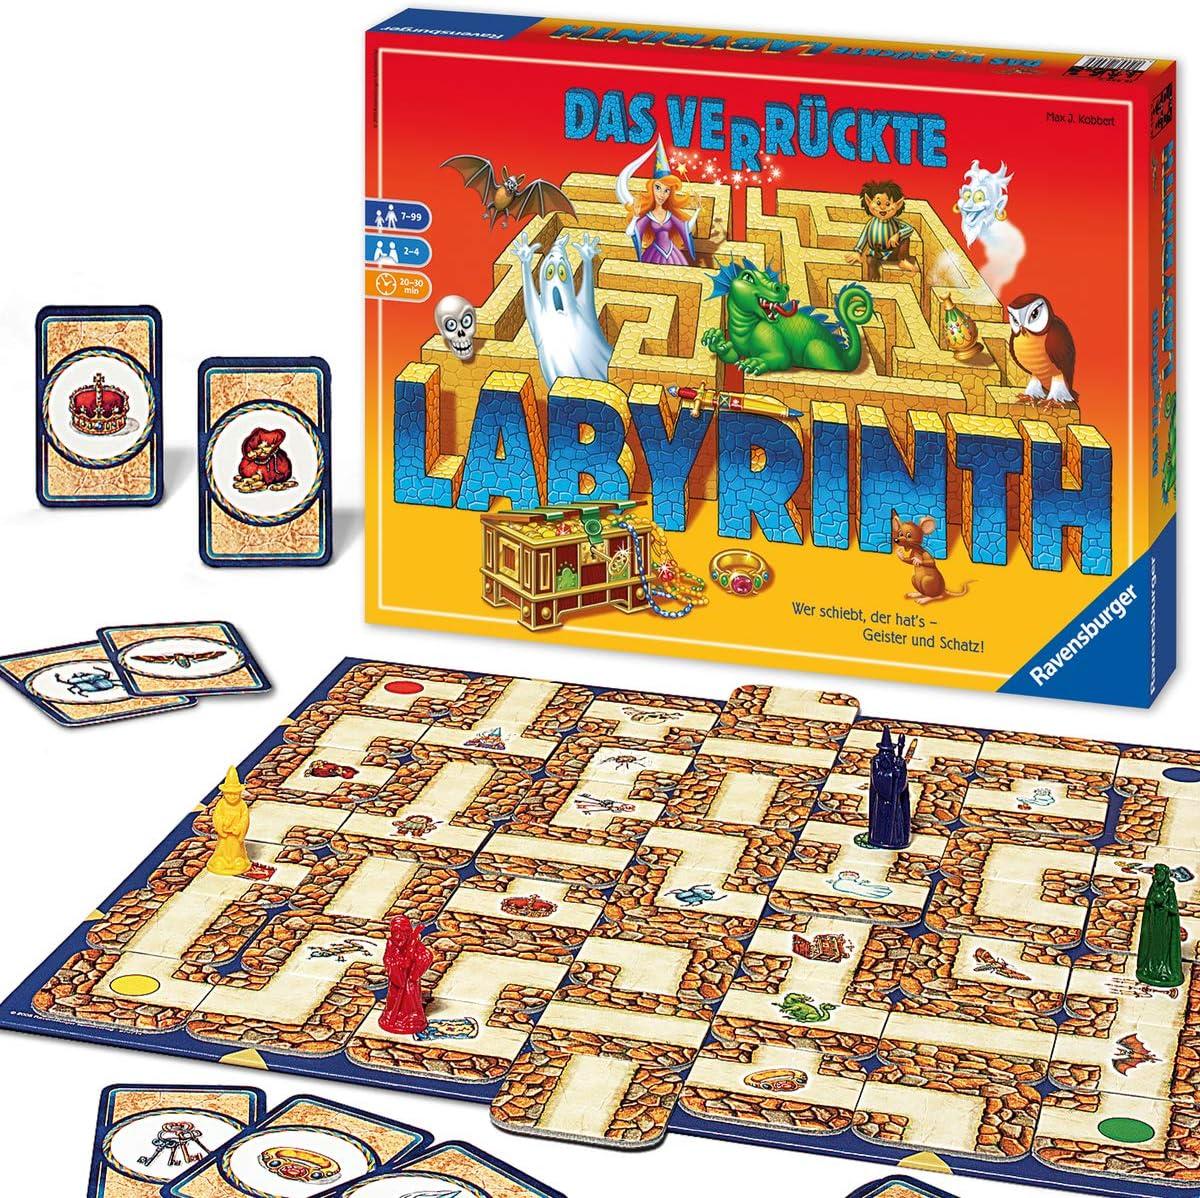 Jeu de société labyrinthe en promo